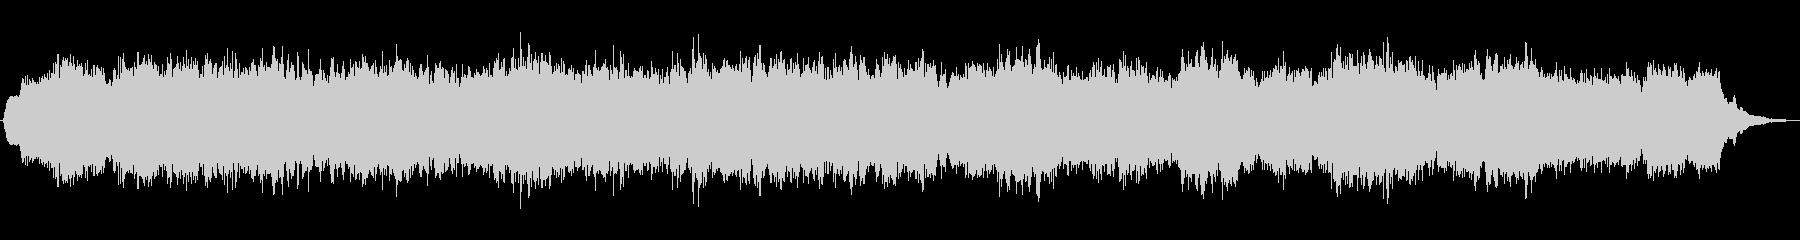 バッハ風パイプオルガンの壮大な曲の未再生の波形